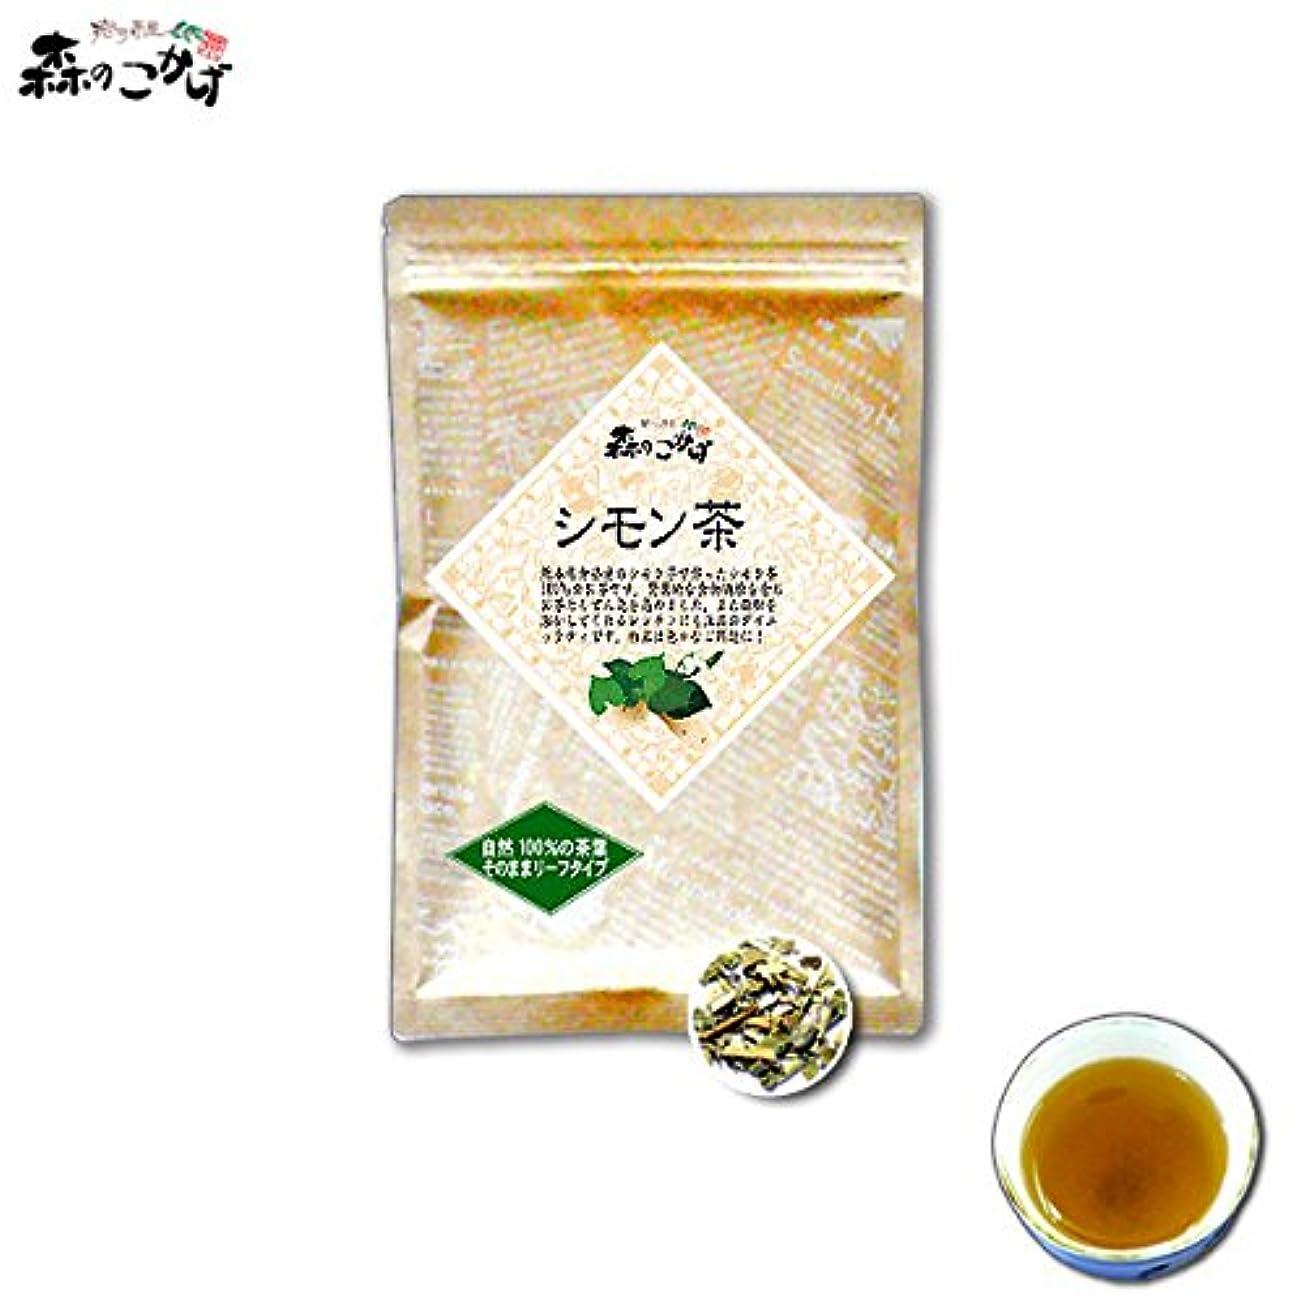 ヒロインネーピアレンド森のこかげ シモン茶 70g ( シモン芋葉 100% ) 倉岳町産 しもん茶 C